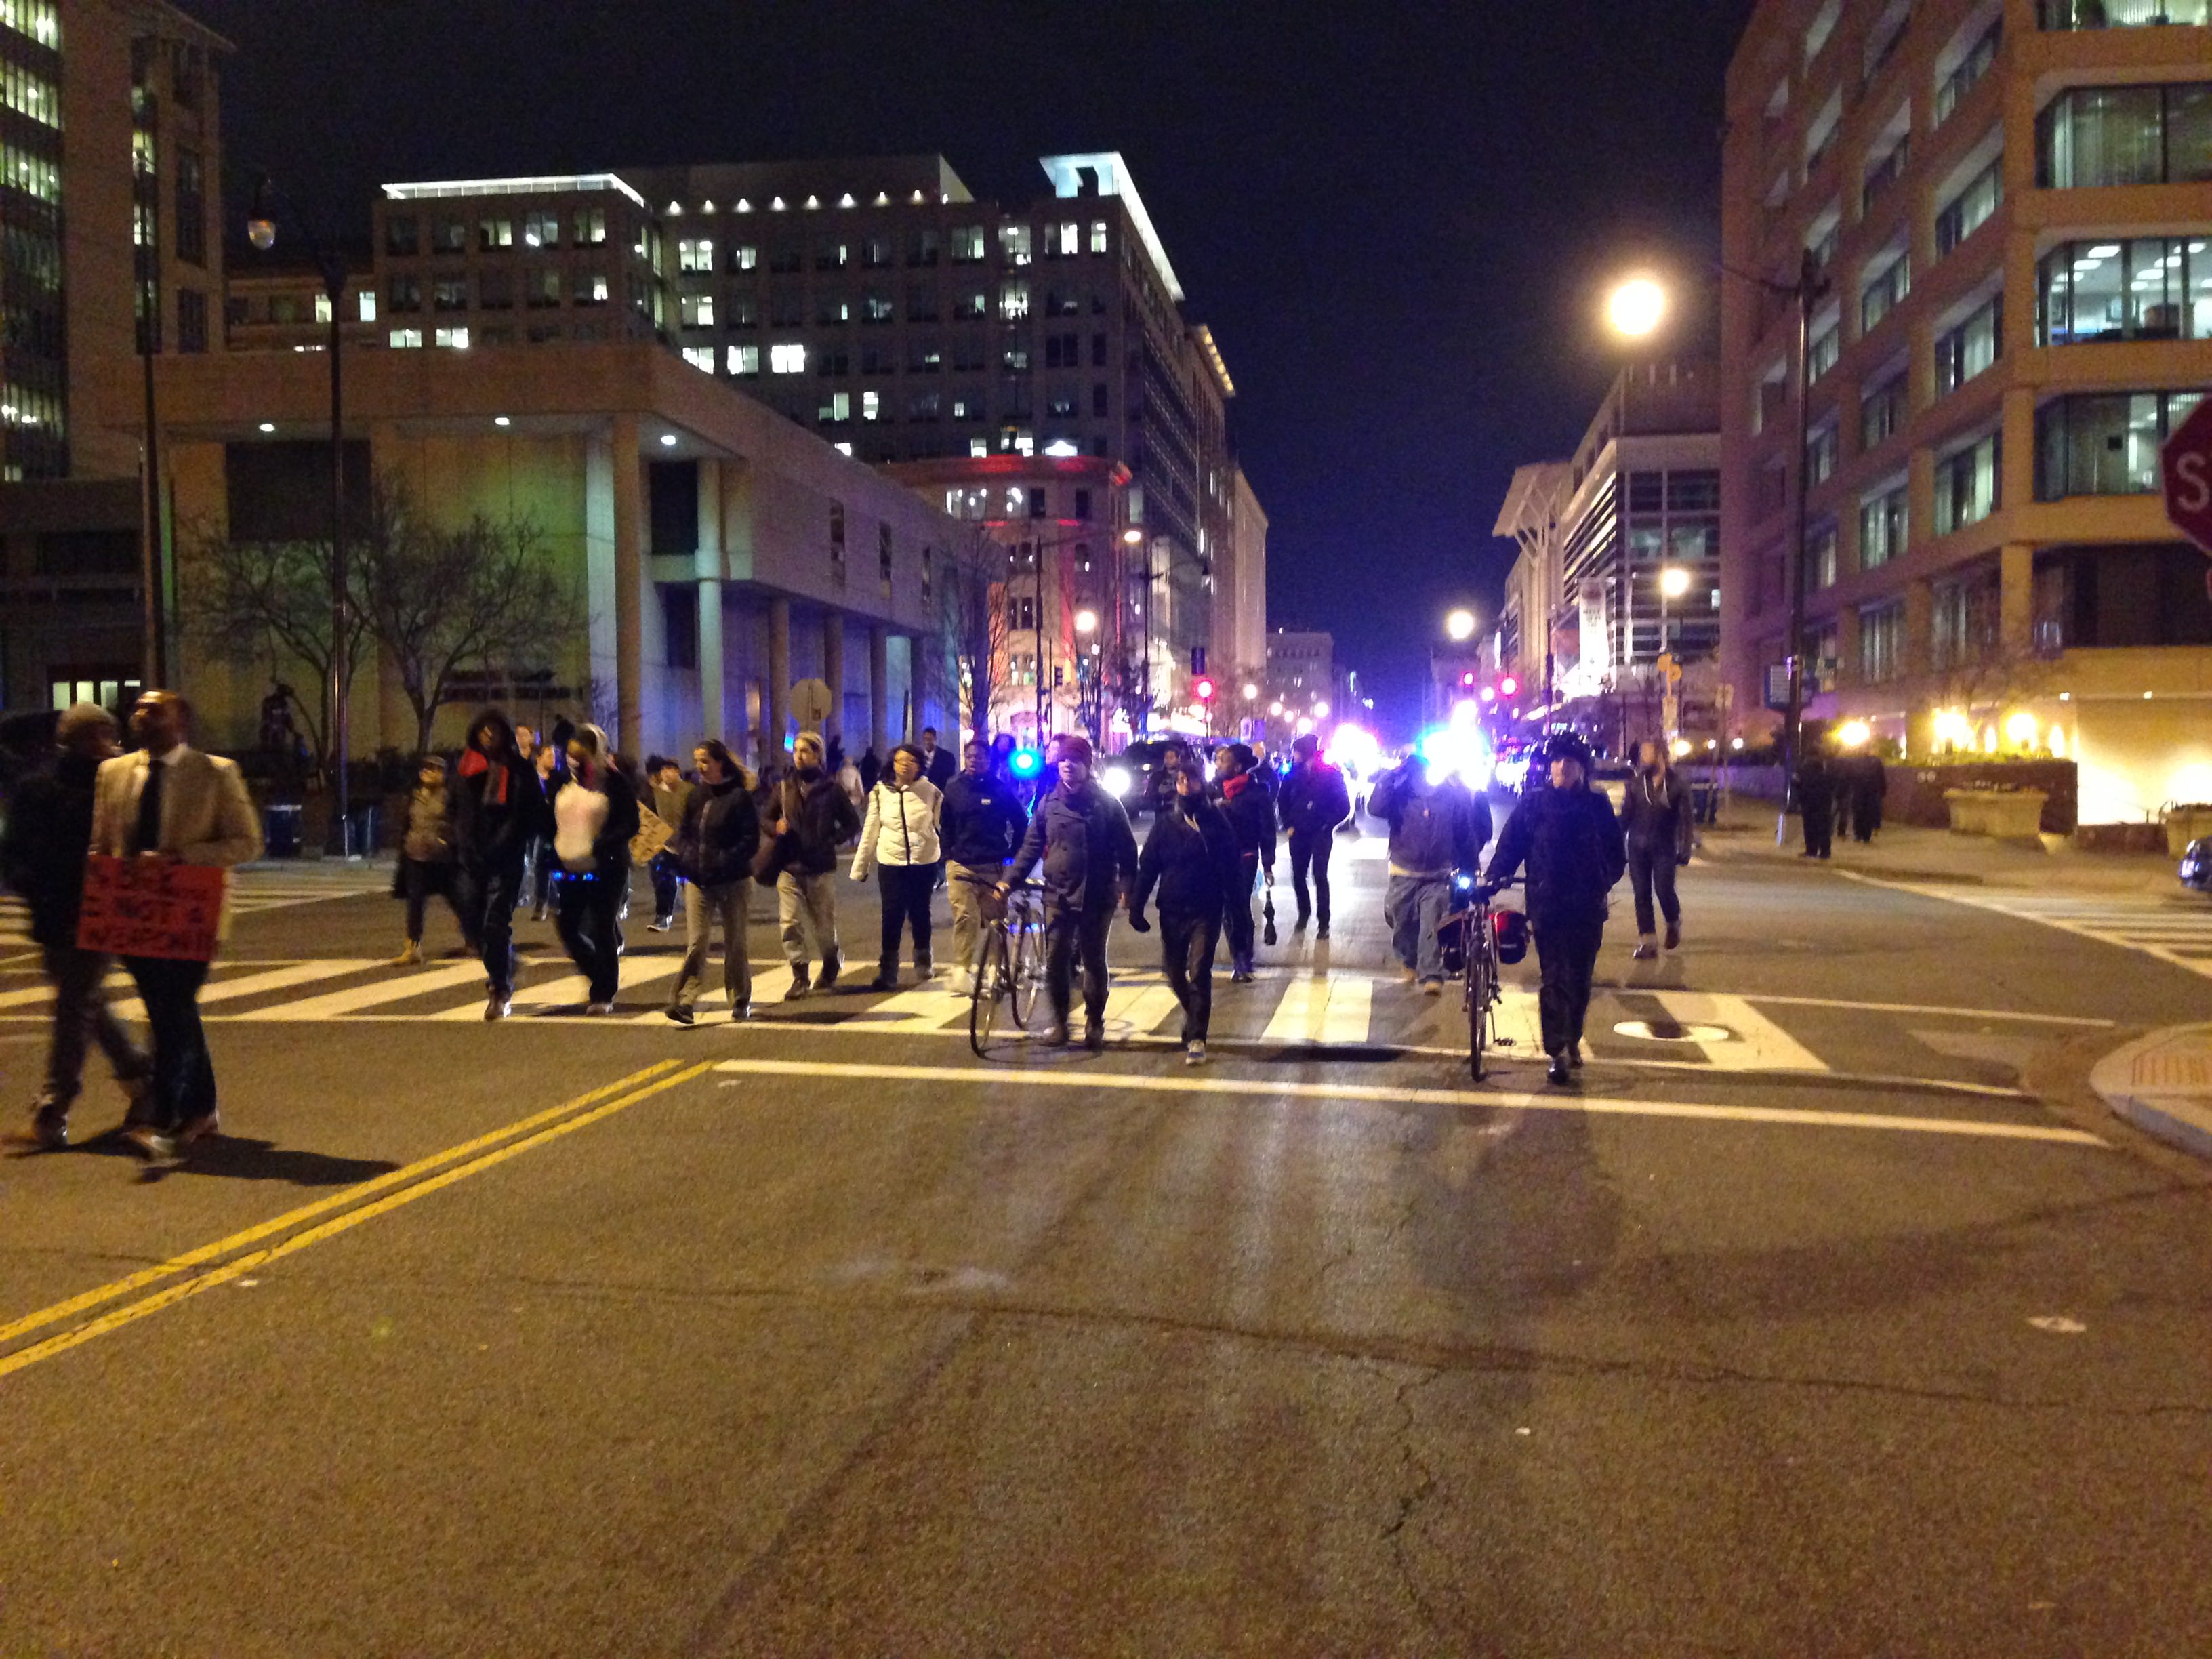 #DCFerguson marches through Washington, D.C.